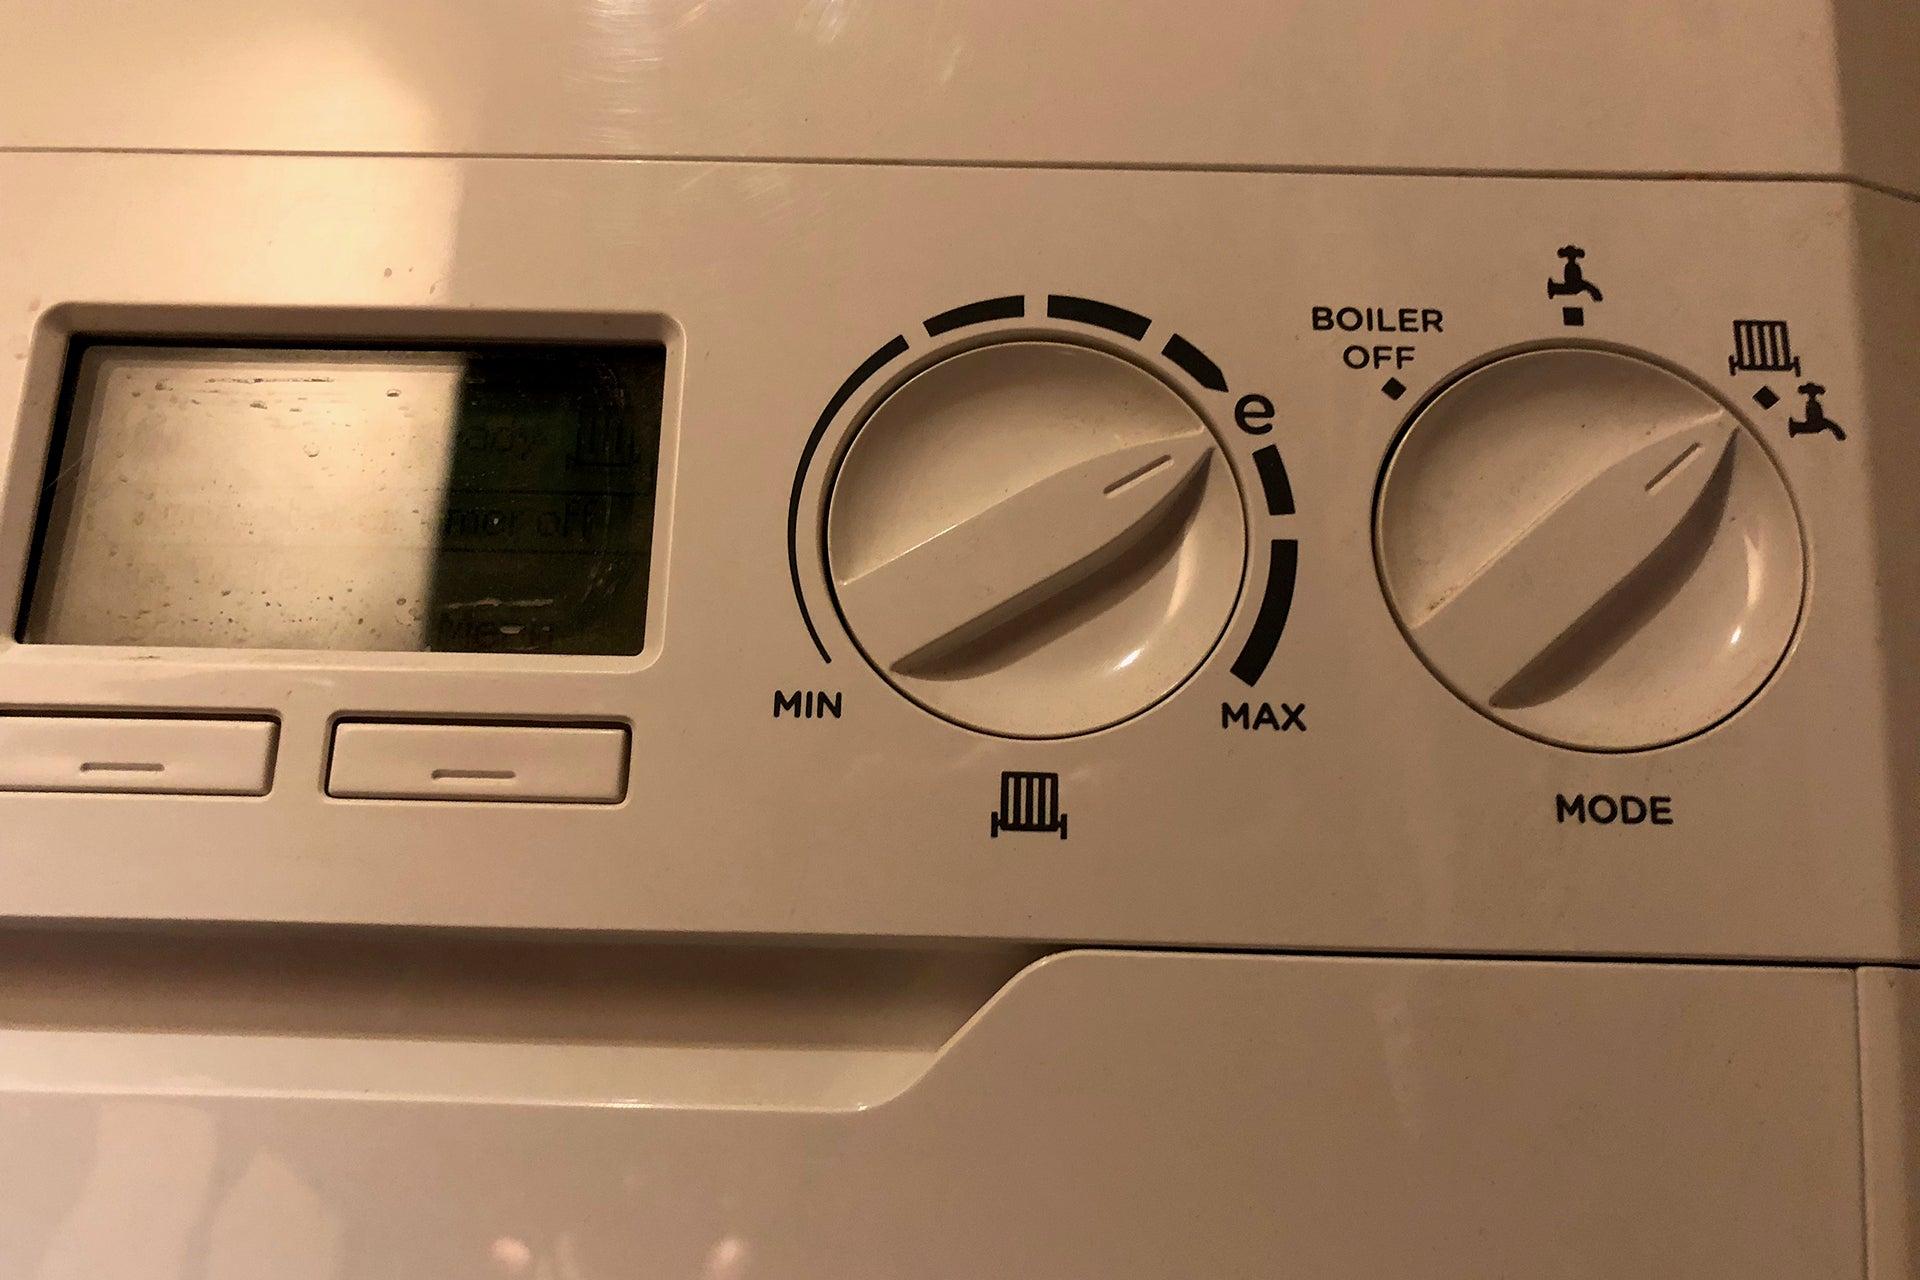 Boiler heating controls